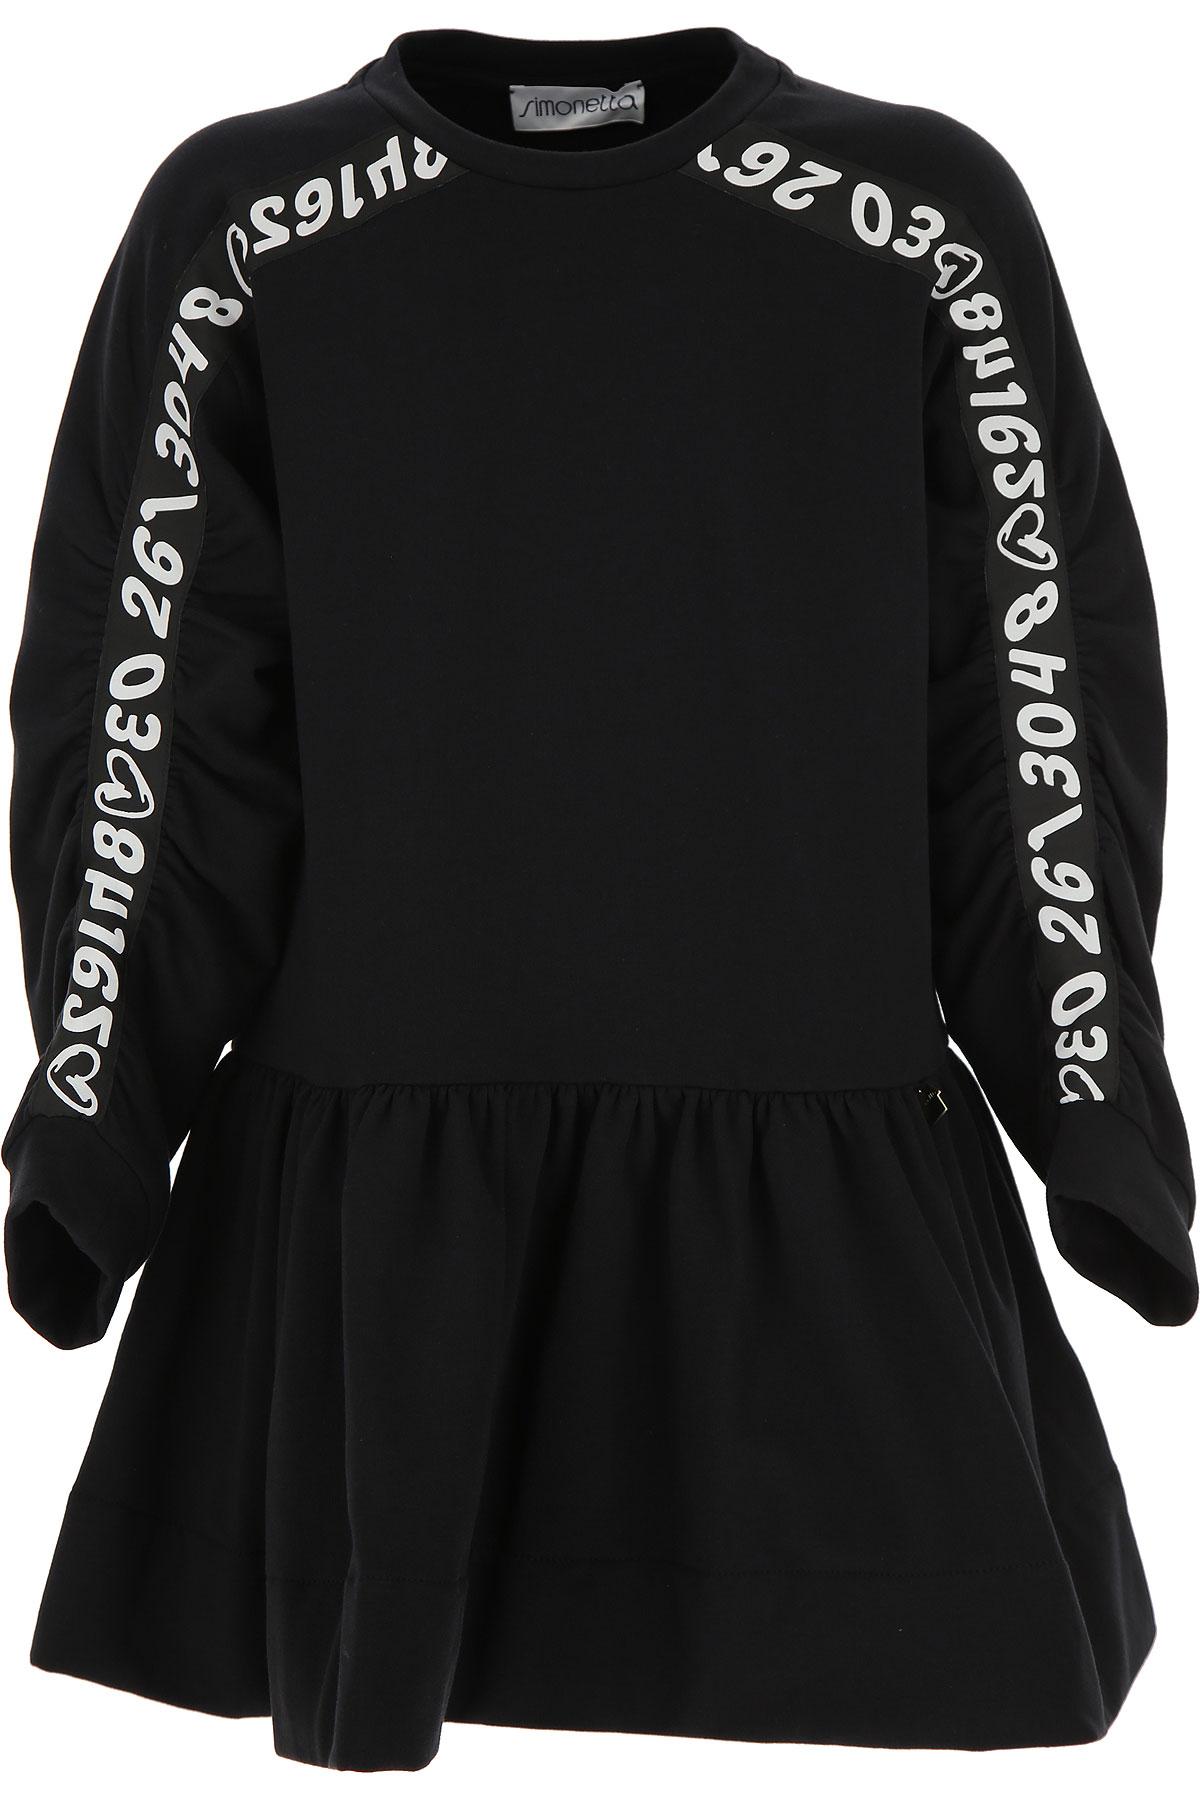 Simonetta Girls Dress On Sale, Black, Cotton, 2019, 10Y 6Y 8Y